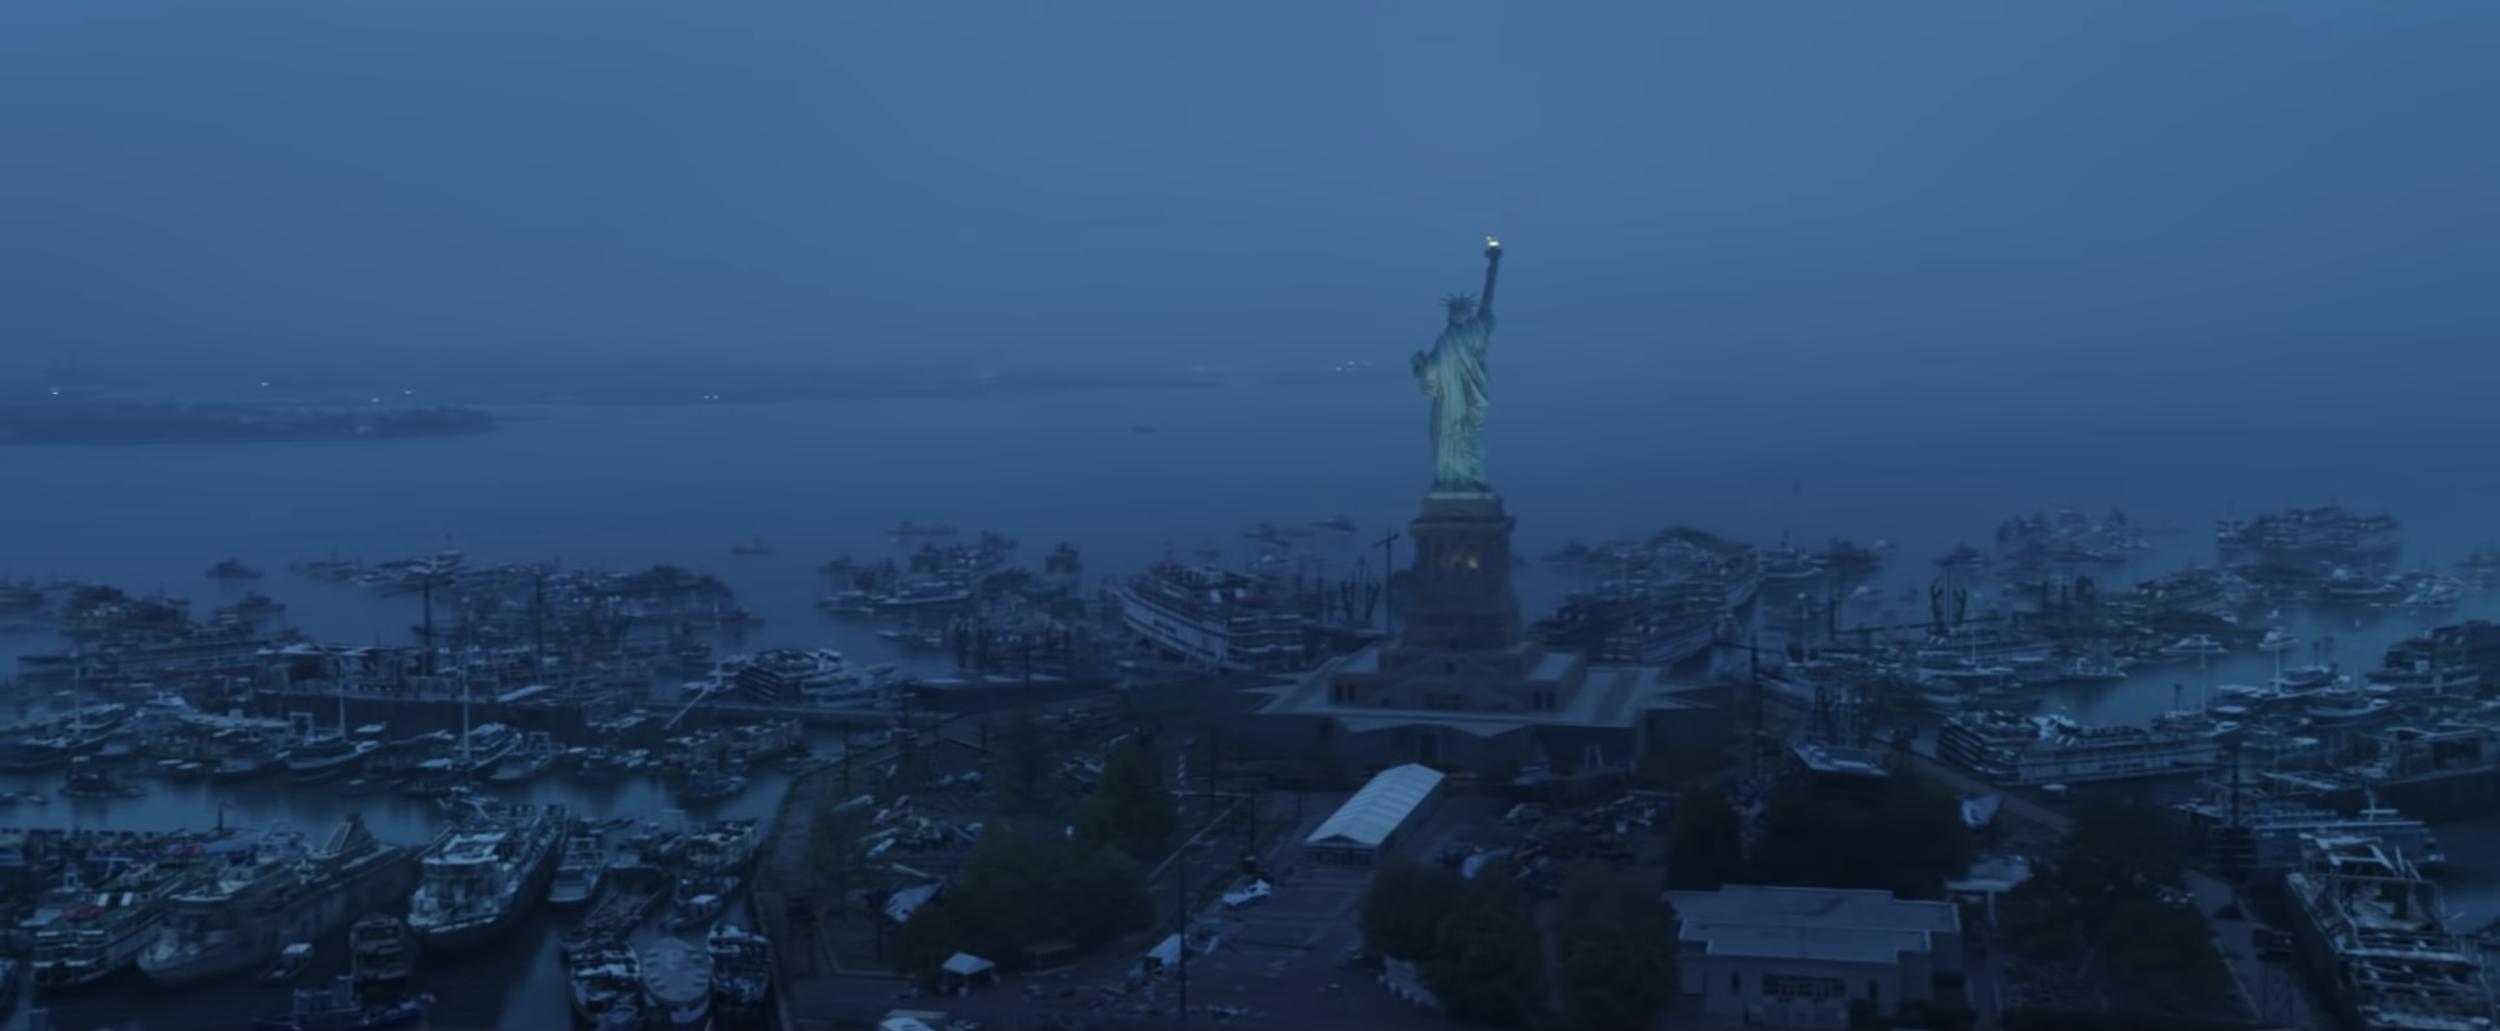 Screen Shot 2019-03-14 at 7.35.37 AM.png